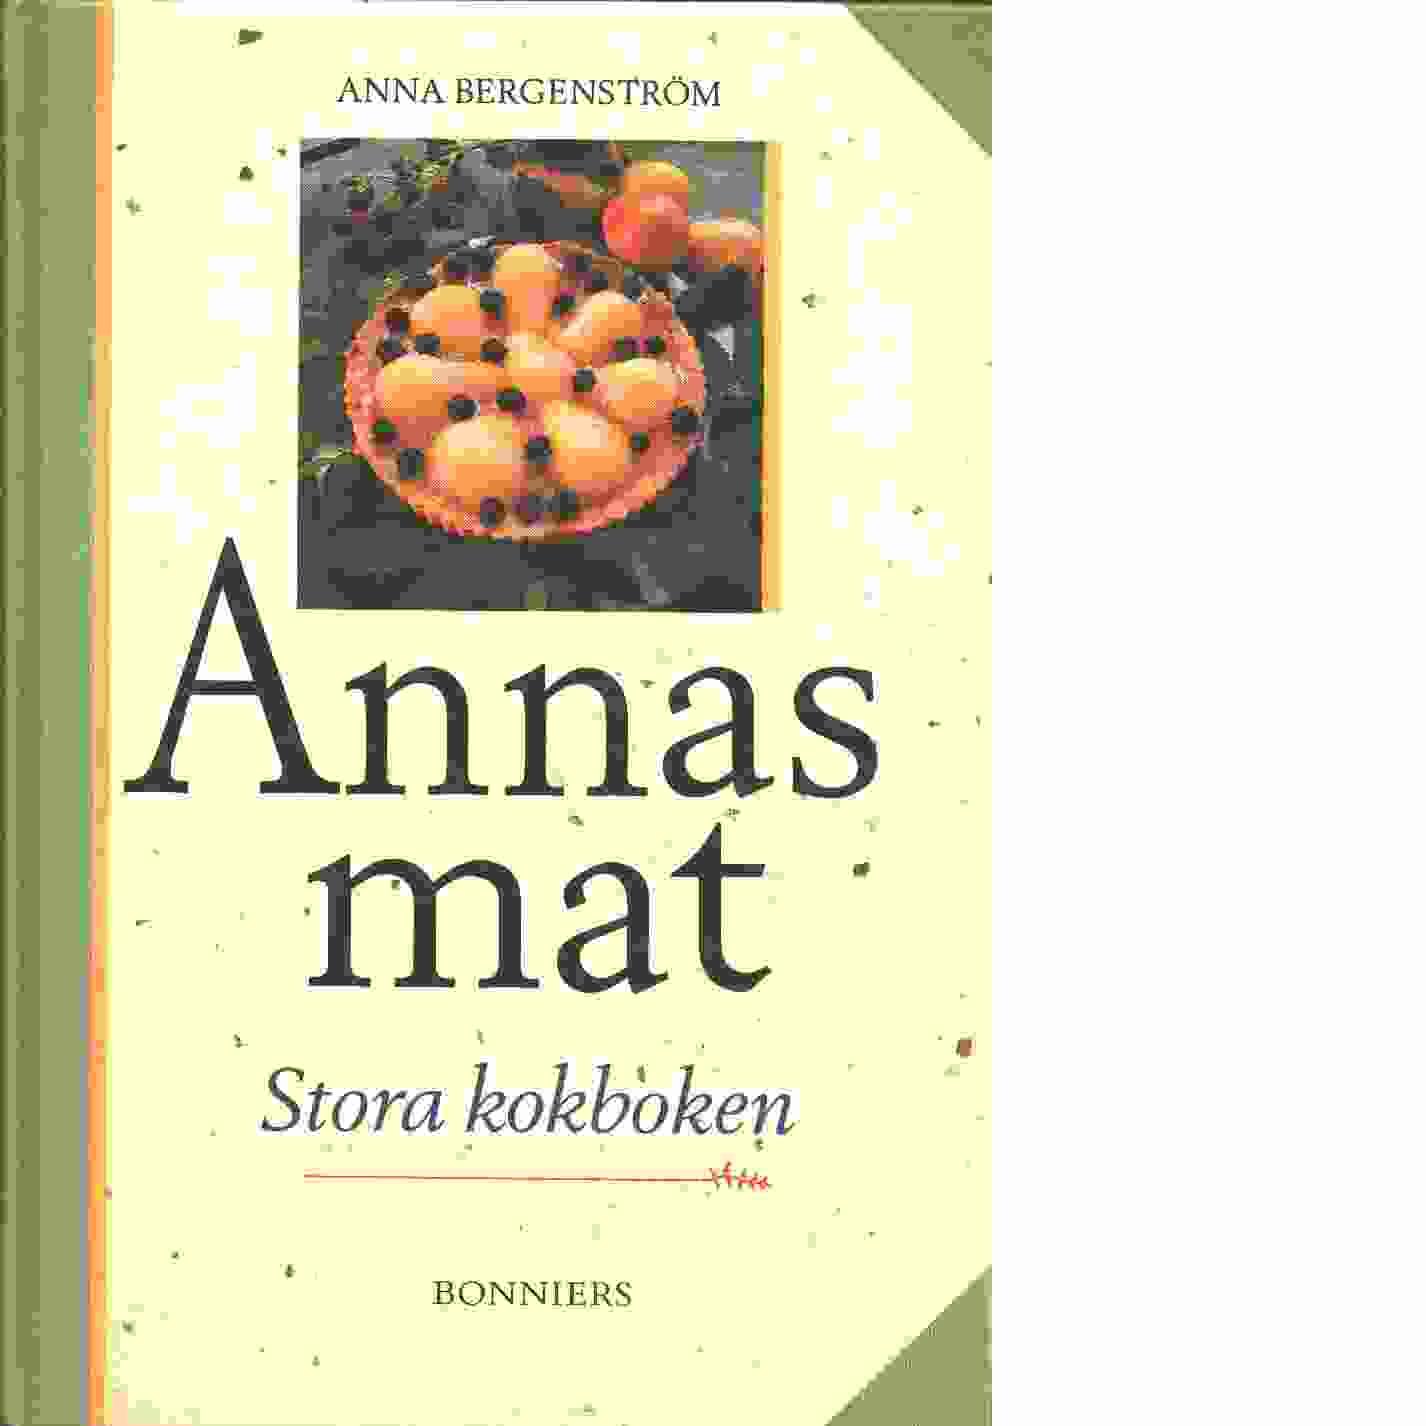 Annas mat : stora kokboken - Bergenström, Anna